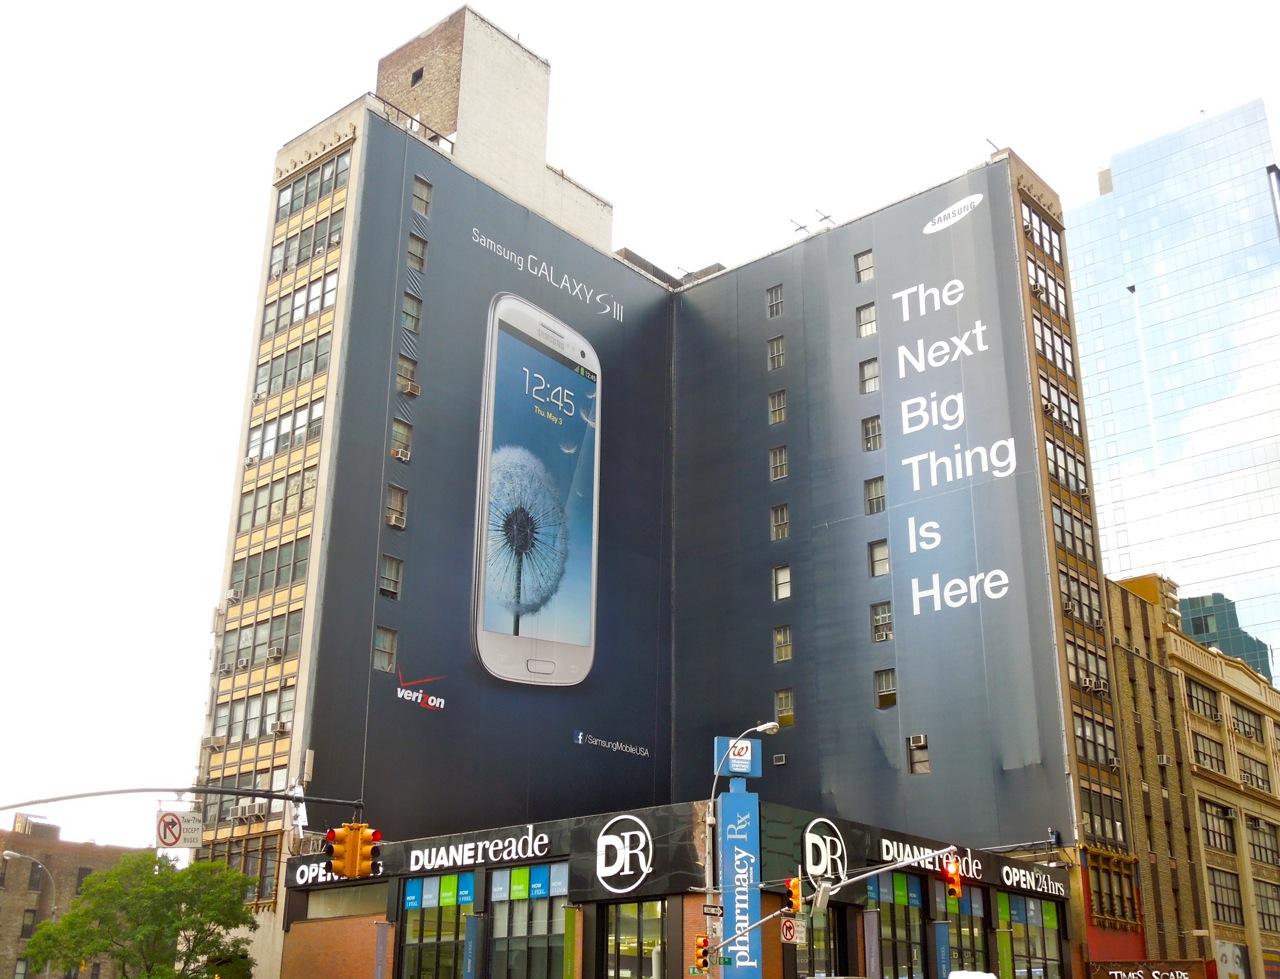 http://3.bp.blogspot.com/-cTgQem4AX5w/UKmUS9wuwZI/AAAAAAAA4SA/Y1KmgkQF9Lc/s1600/samsung+galaxy+SIII+billboard+NYC.jpg